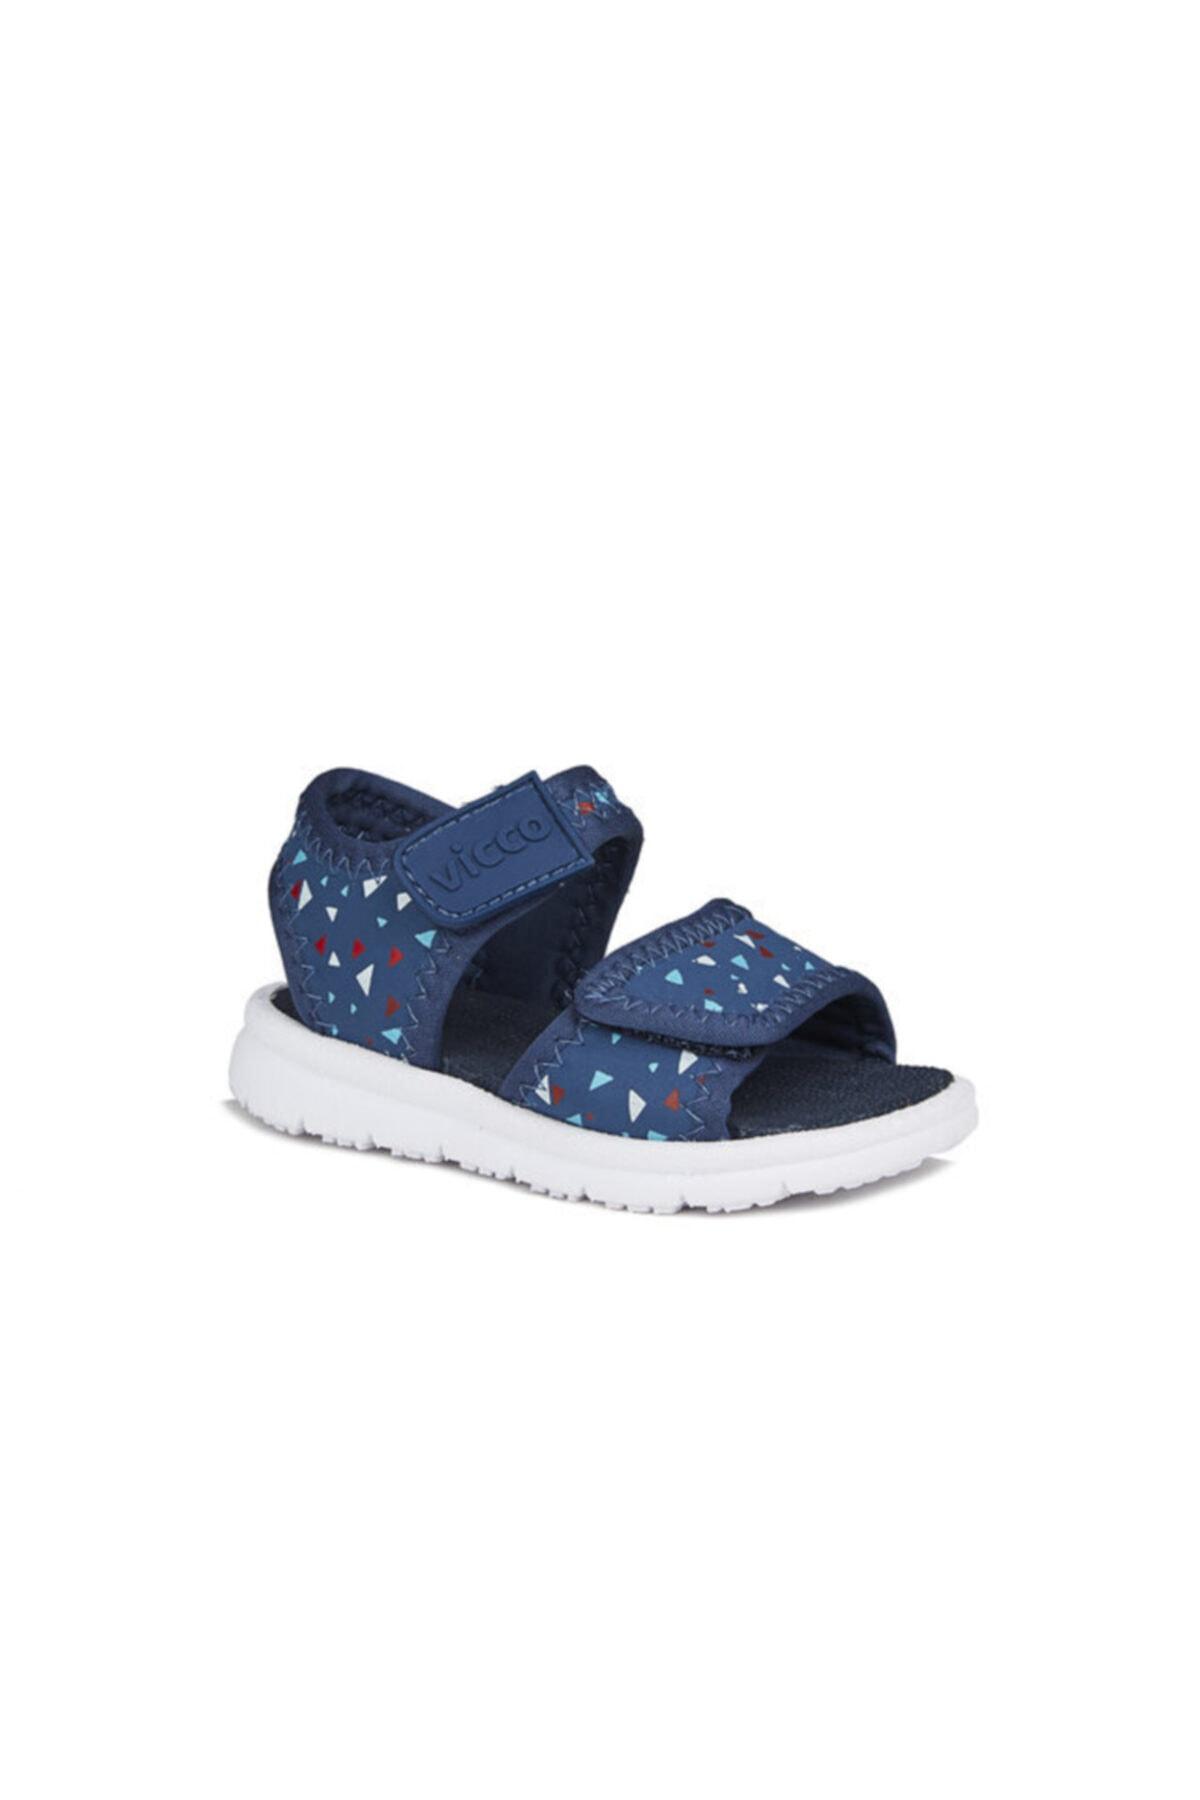 Vicco Limbo Ilk Adım Erkek Bebe Lacivert Sandalet 1